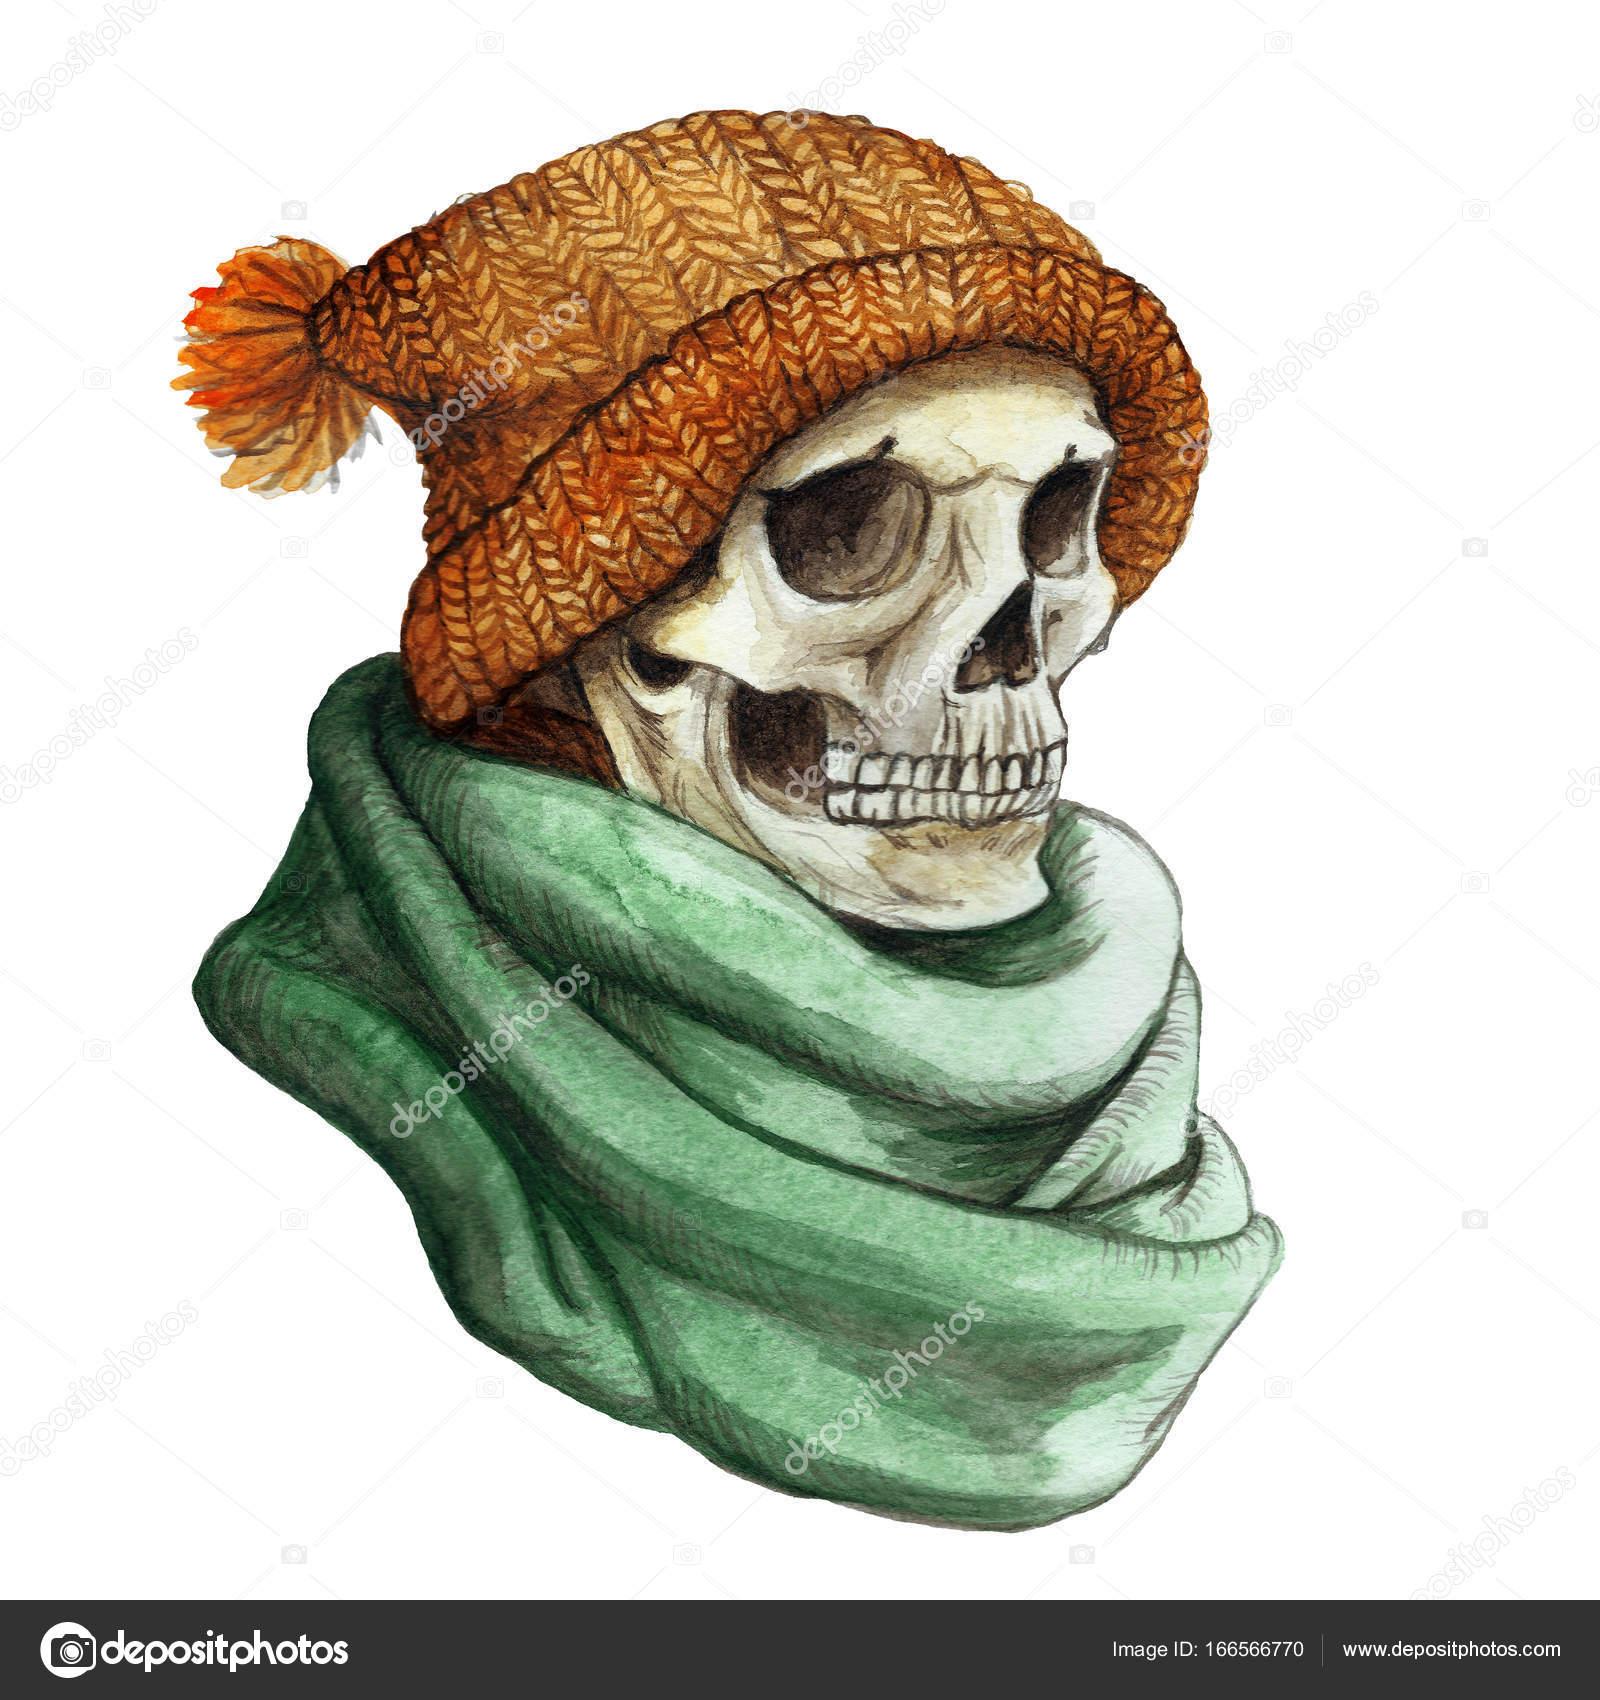 dibujo en el tema del cráneo humano aburrido de Halloween naranja ...